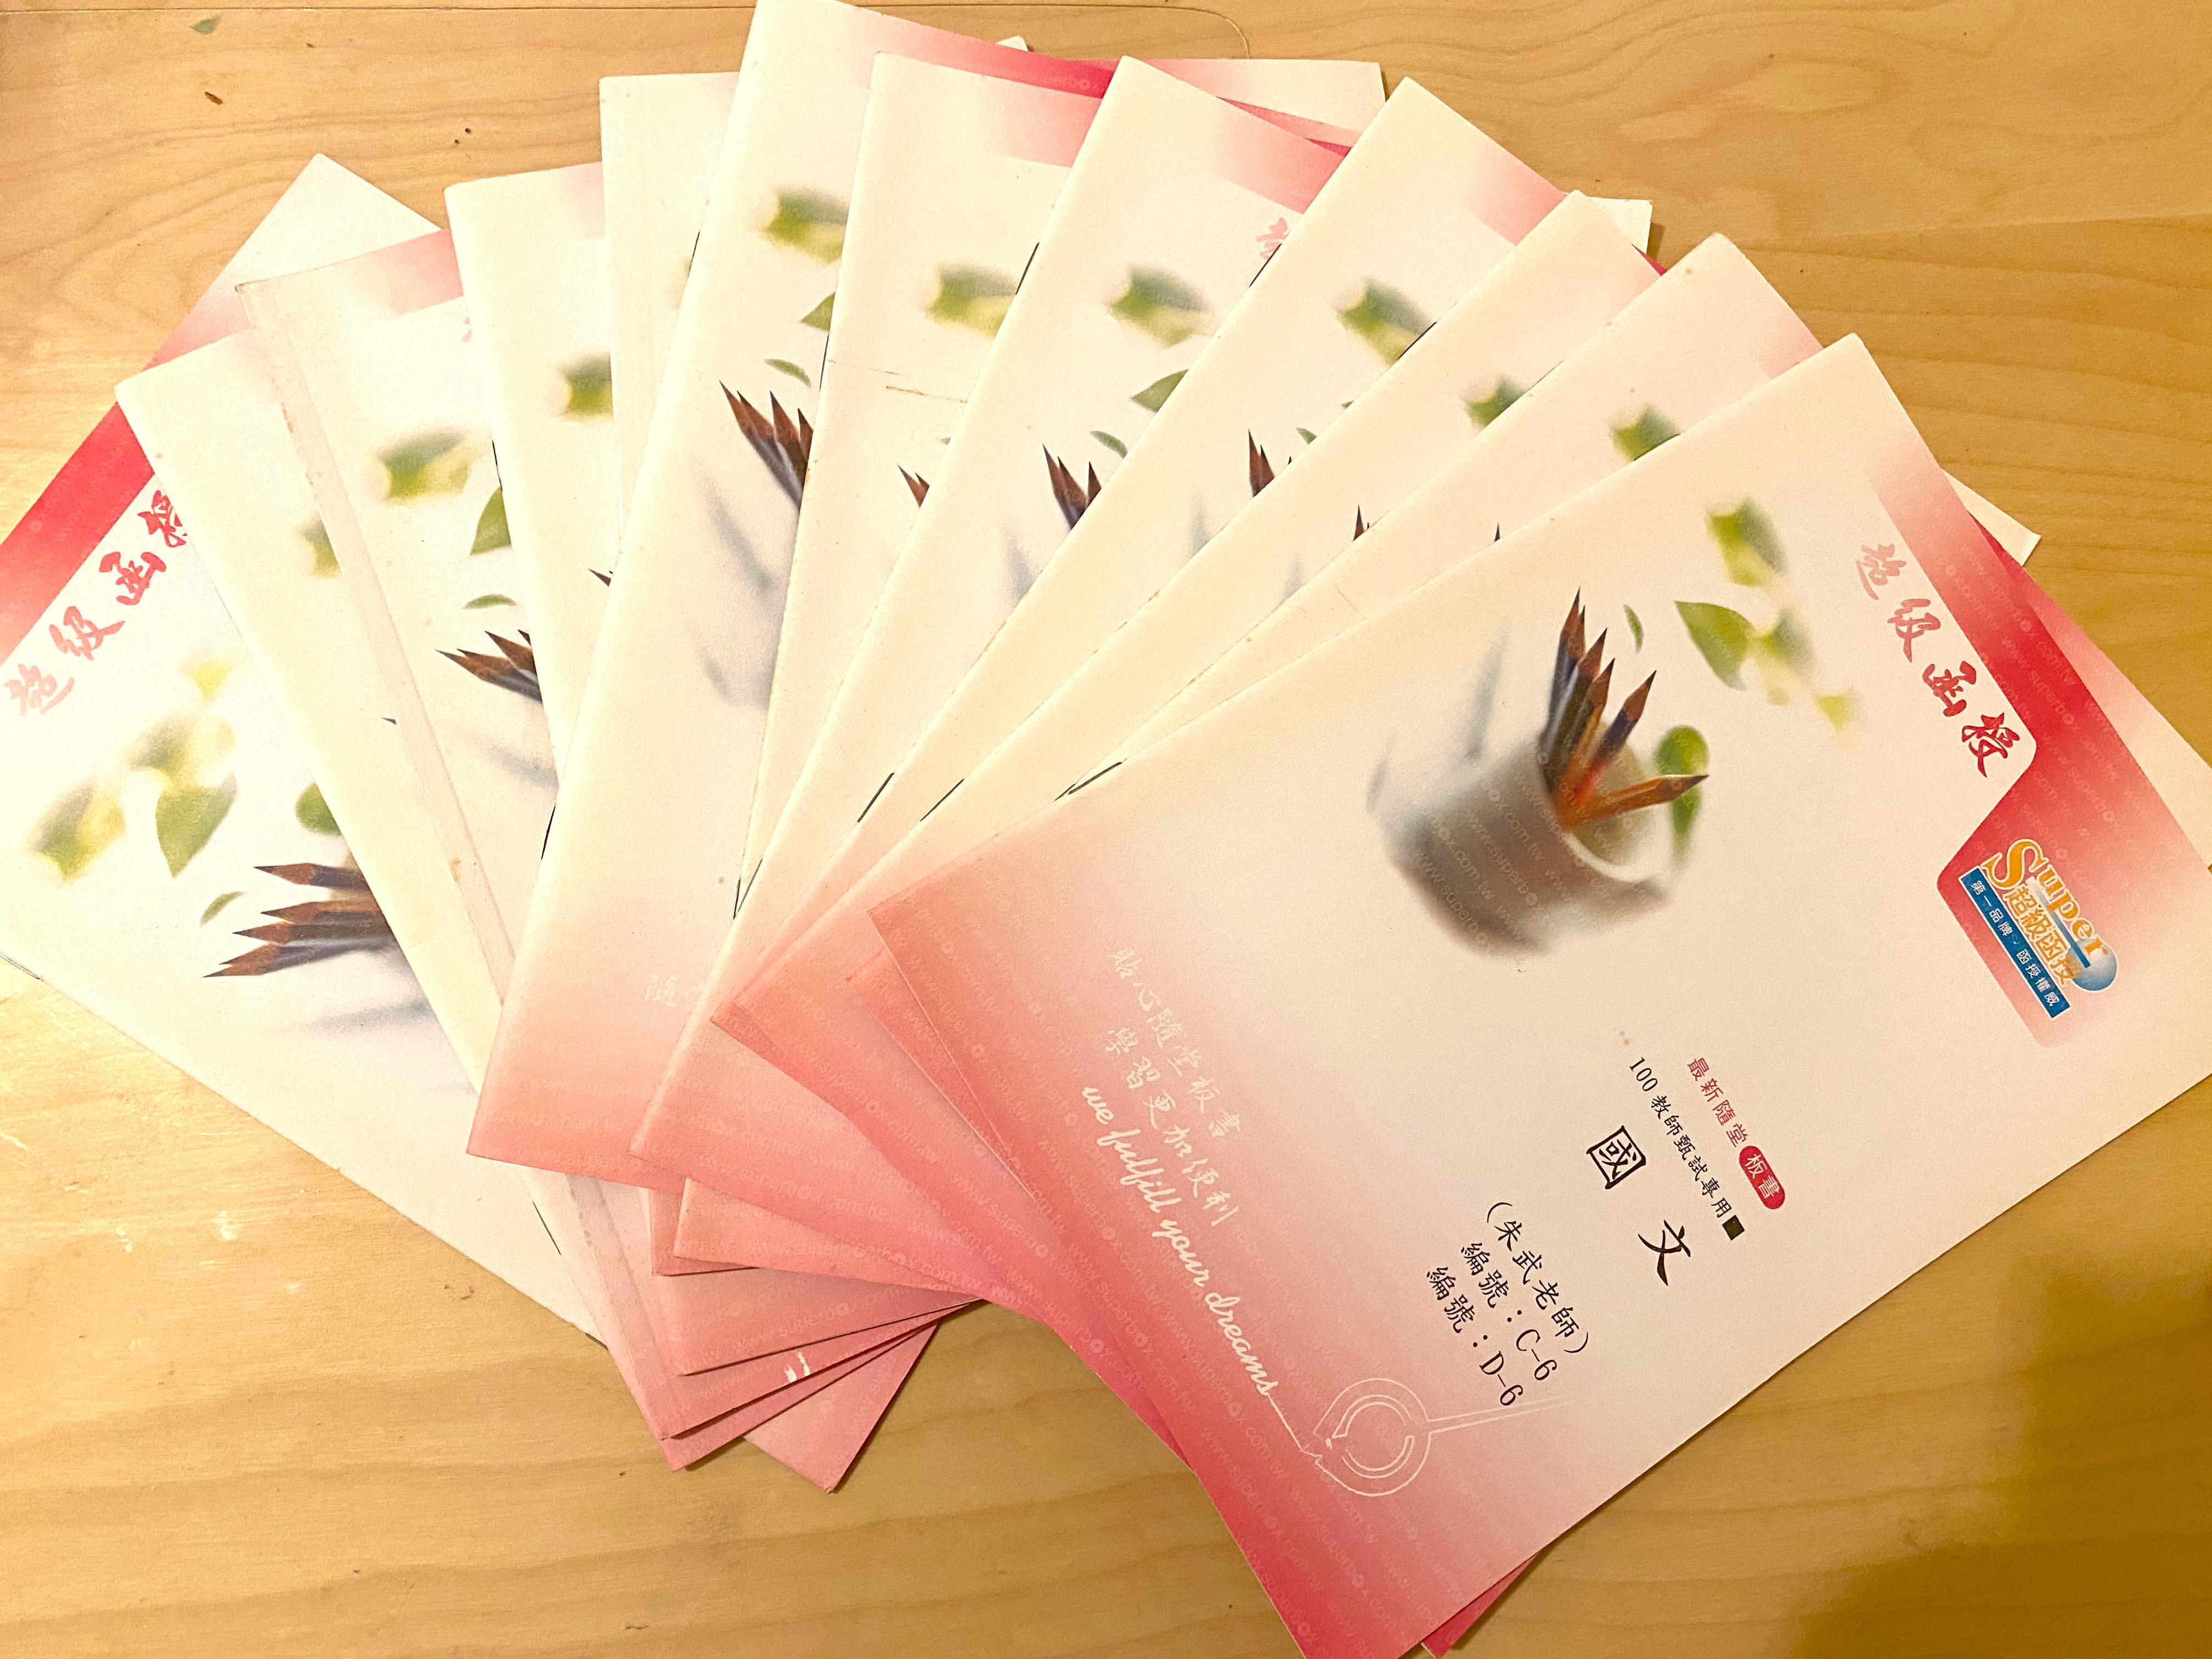 超級函授教師甄試國文版書、講義14本(朱武老師)